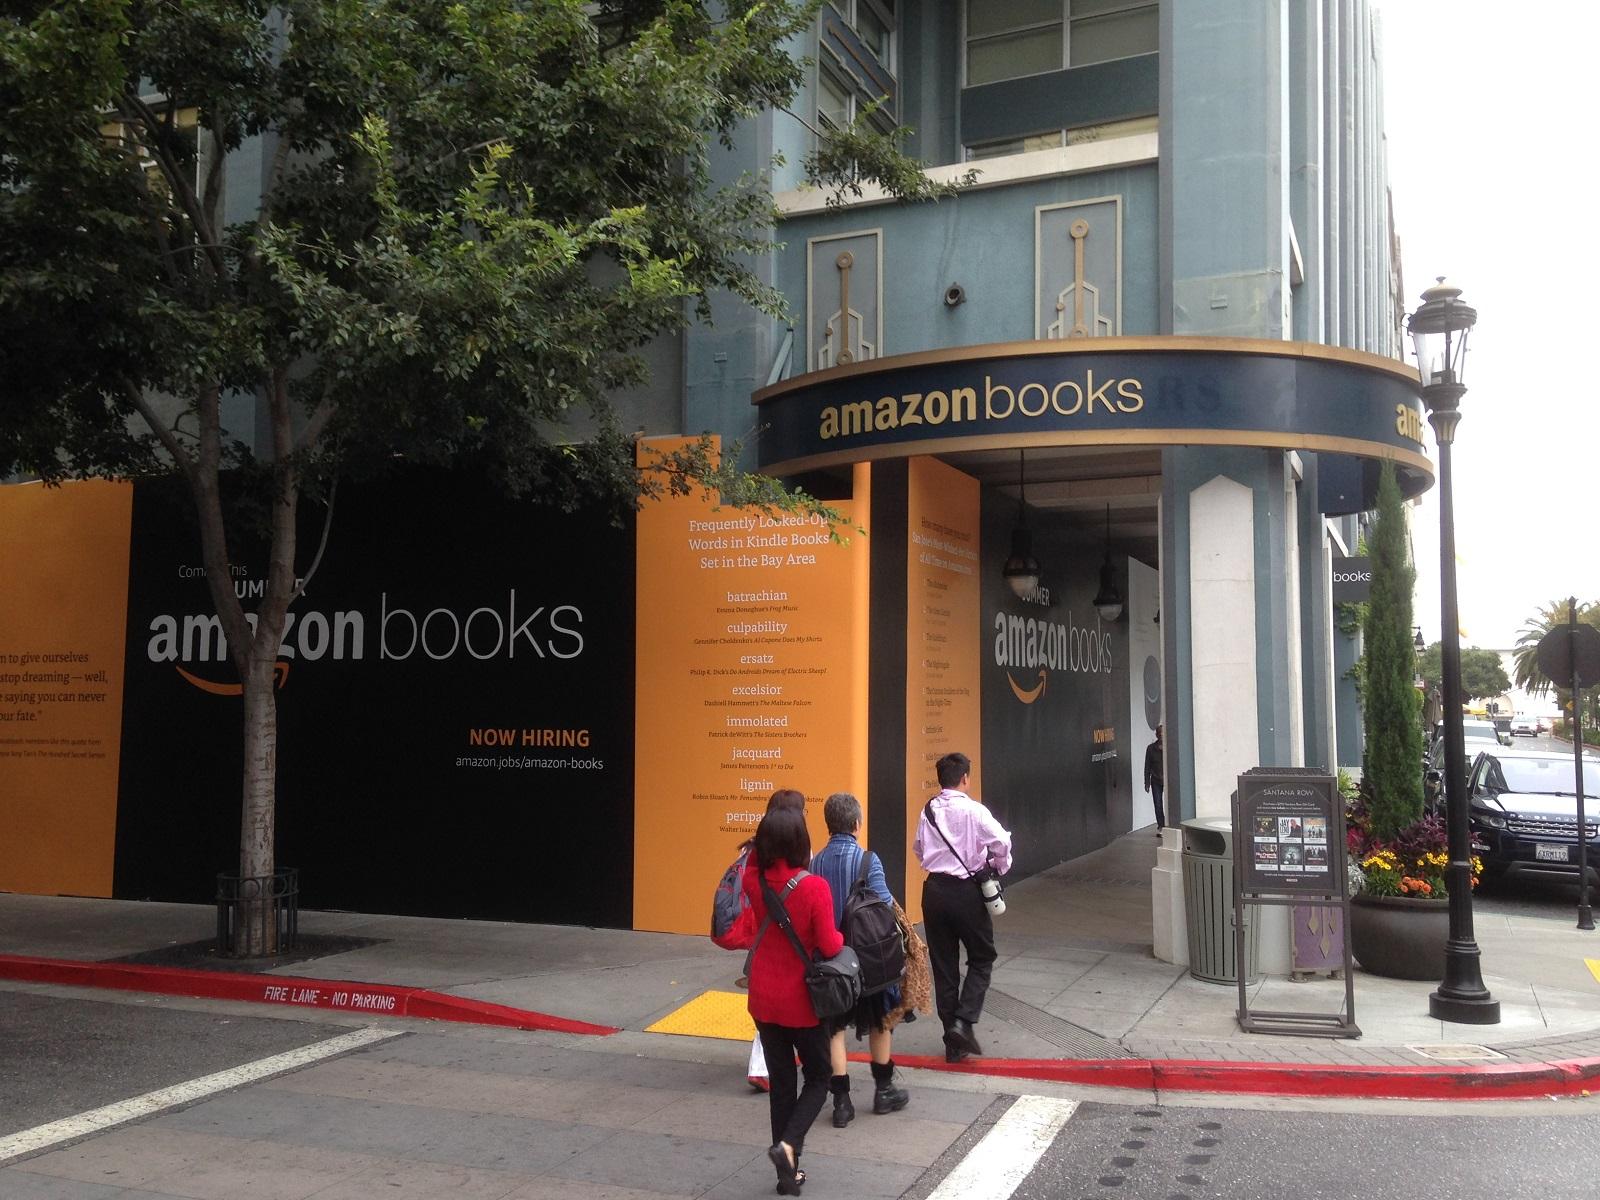 Ouverture d'une boutique Amazon Books